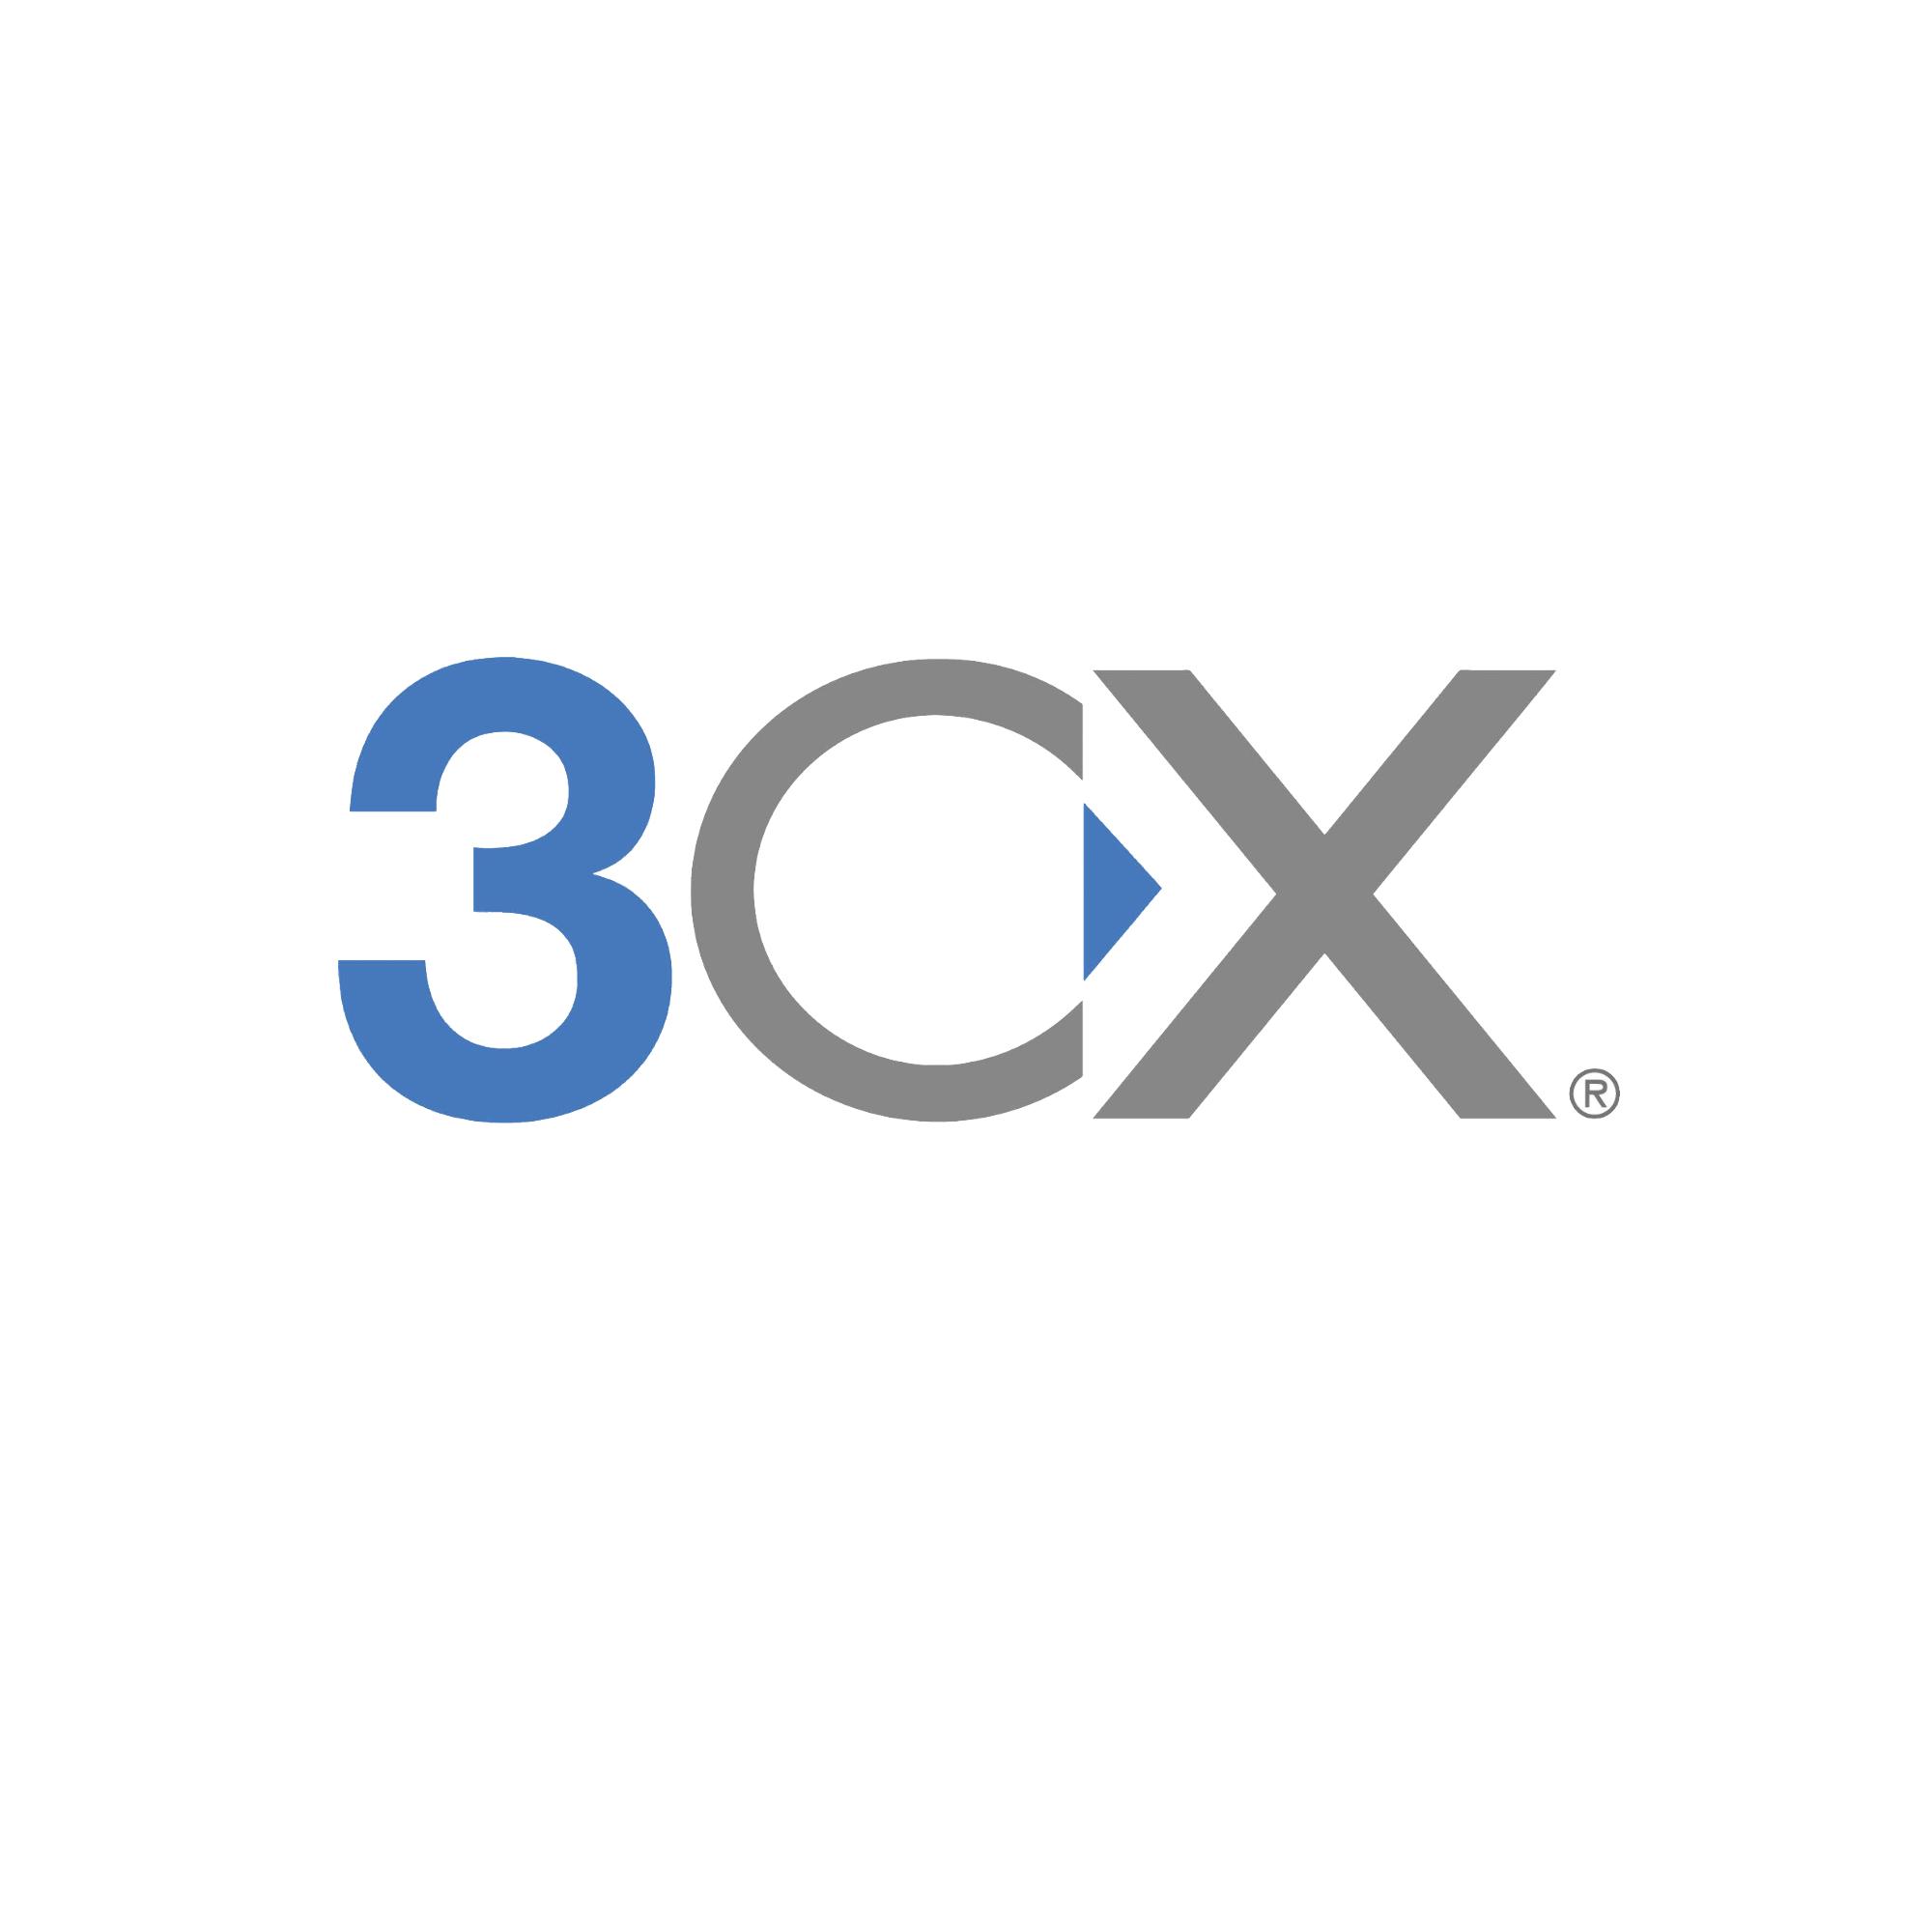 Licencia perpetua de 3CX Professional para 8 llamadas simultáneas y extensiones ilimitadas